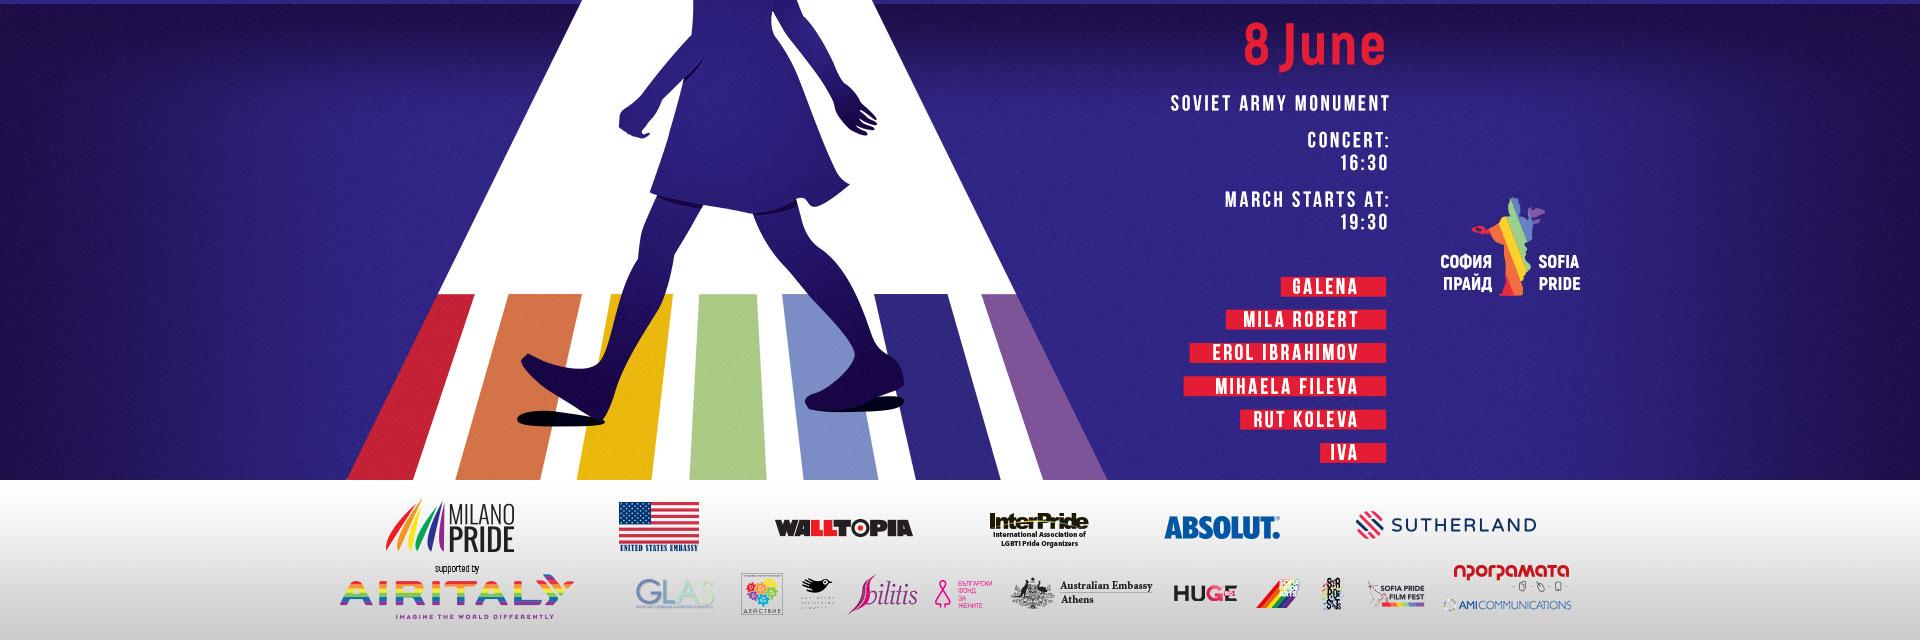 Sofia Pride is on 8 June